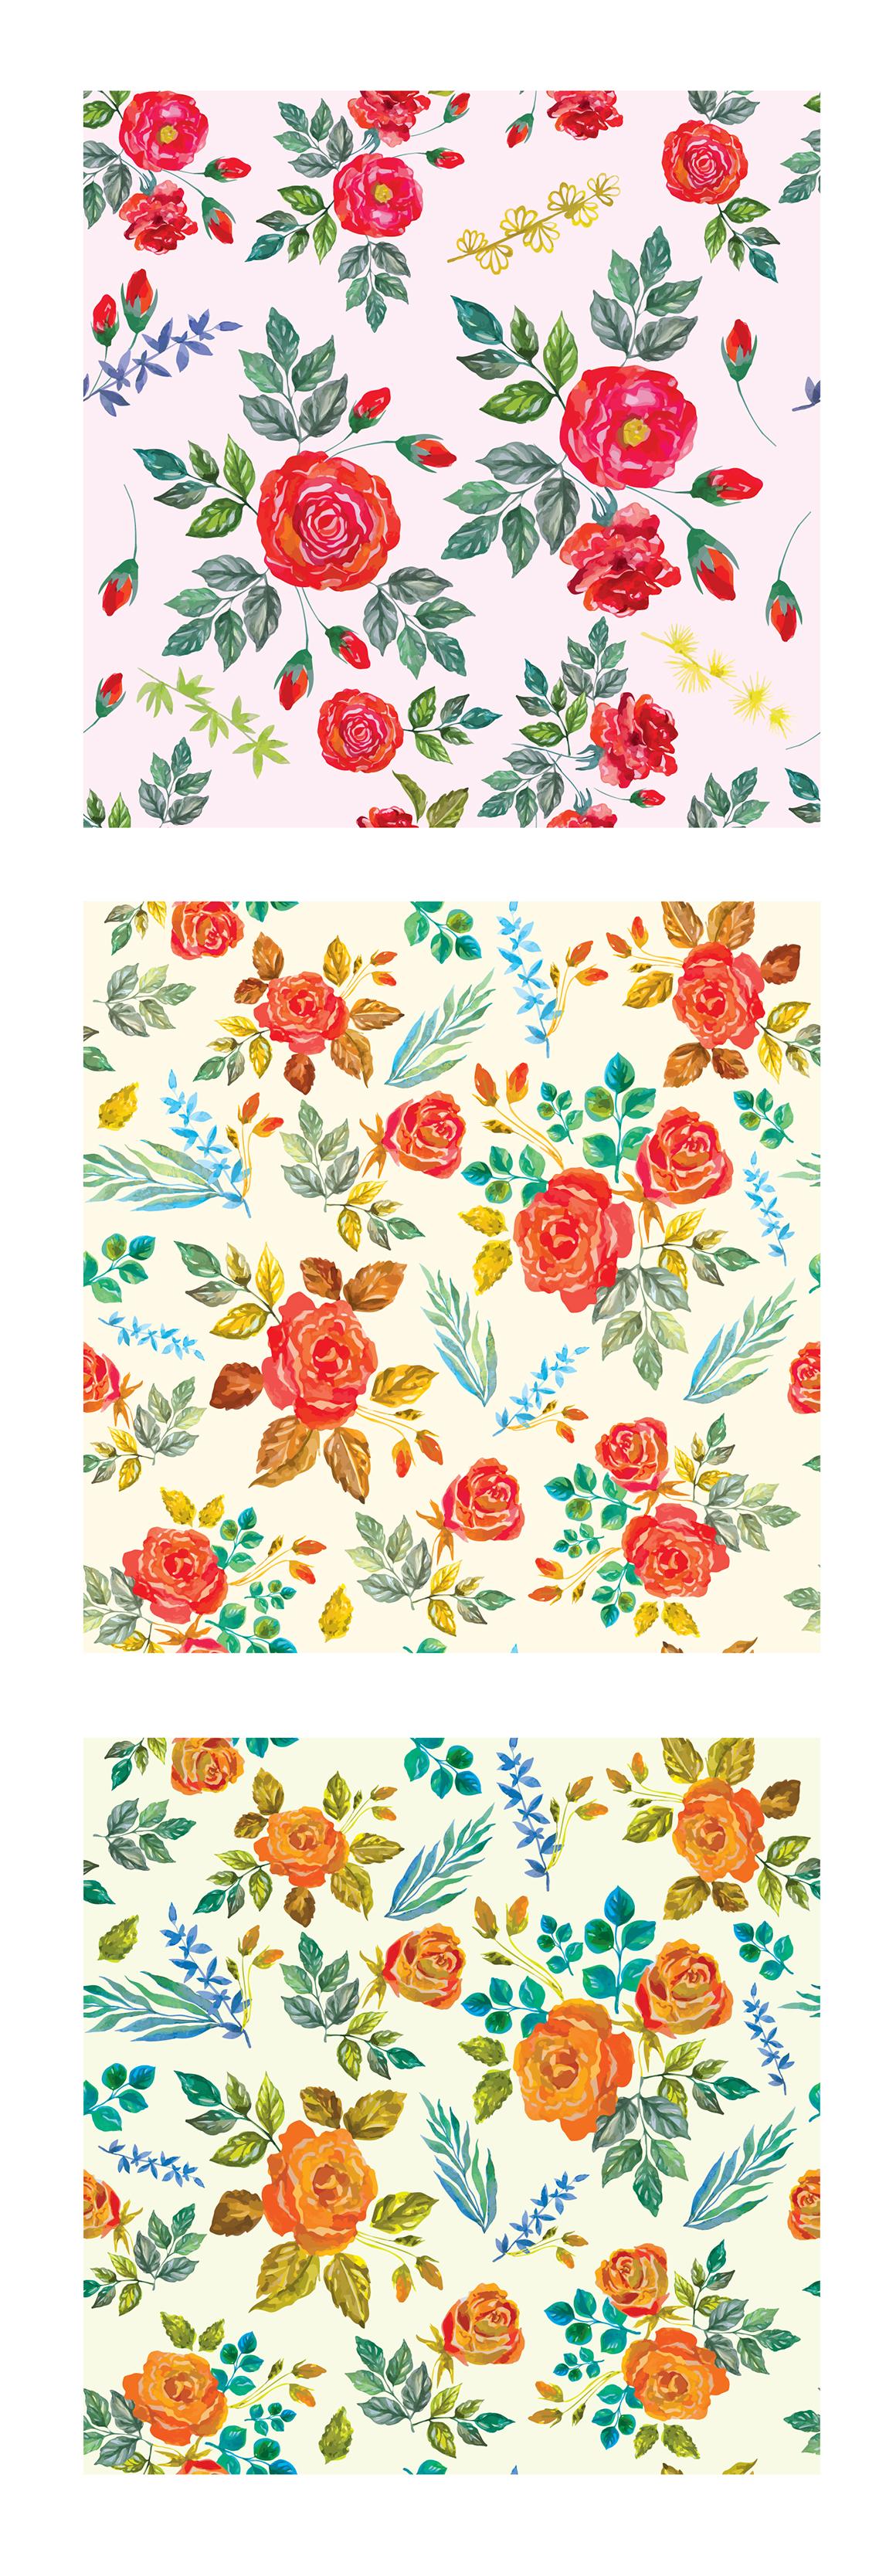 Watercolor floral design elements